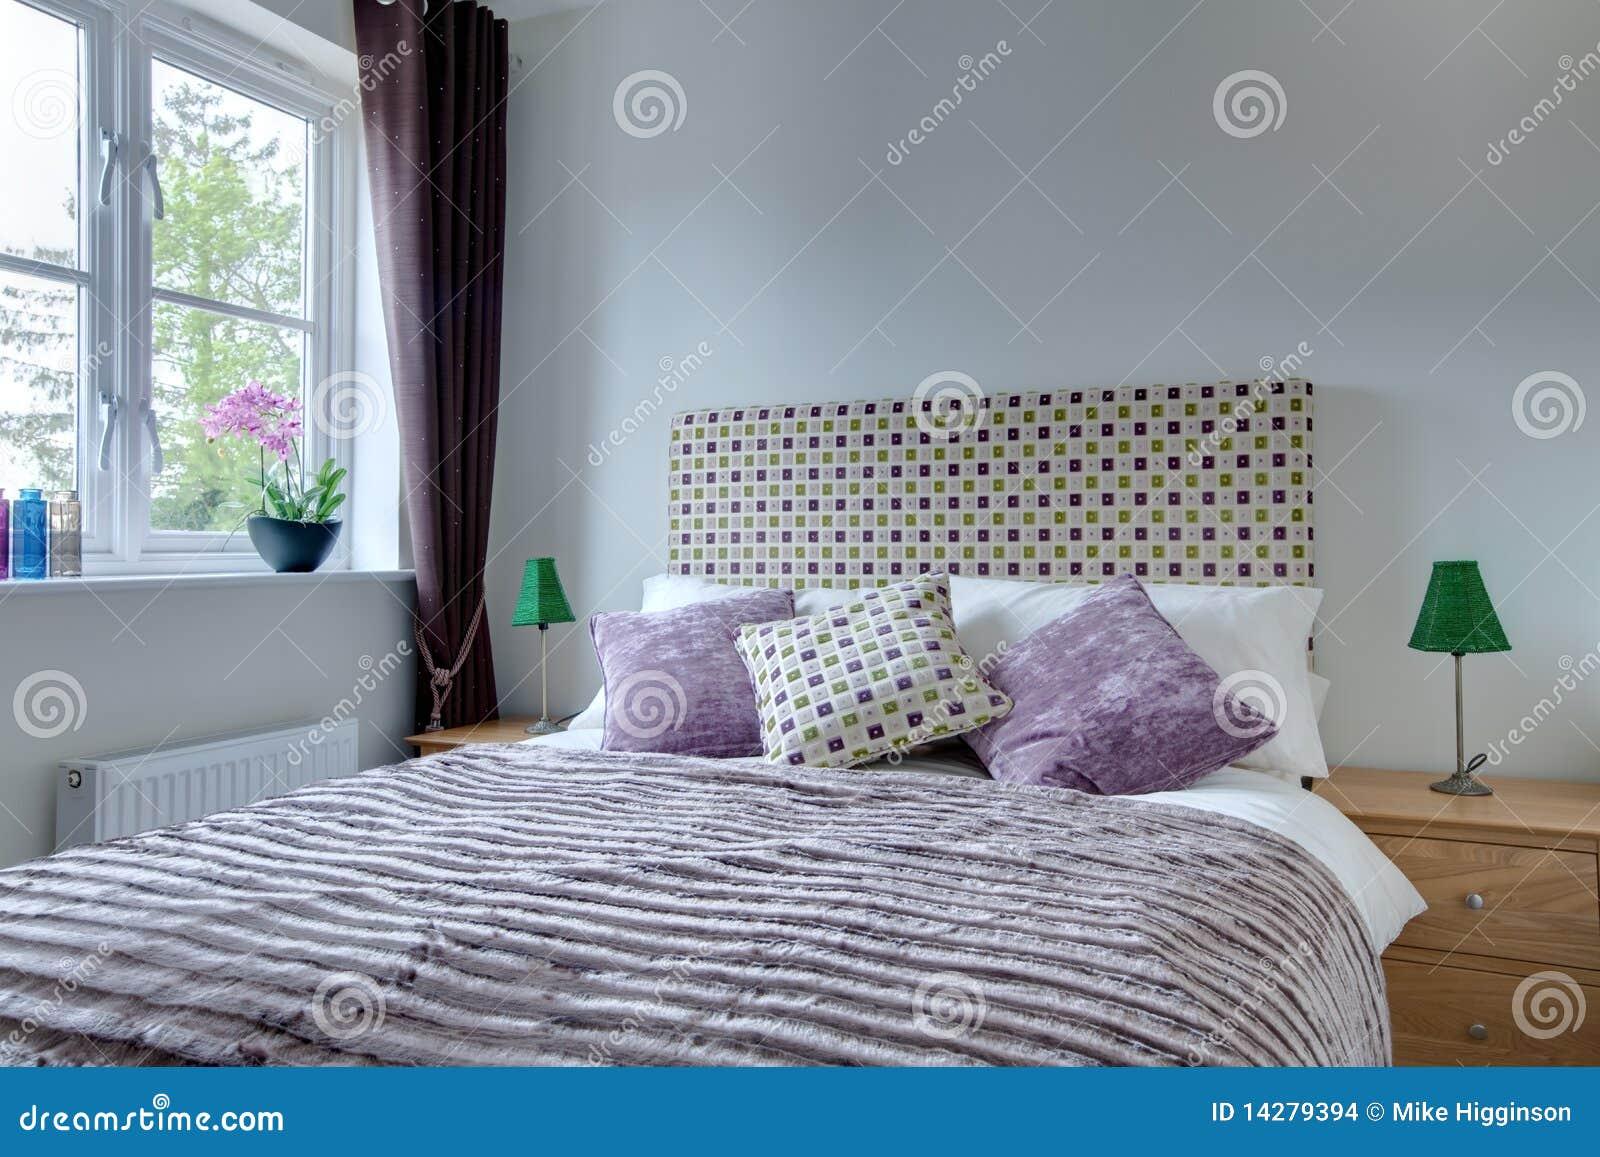 Particolare moderno della camera da letto fotografia stock - Parete colorata camera da letto ...